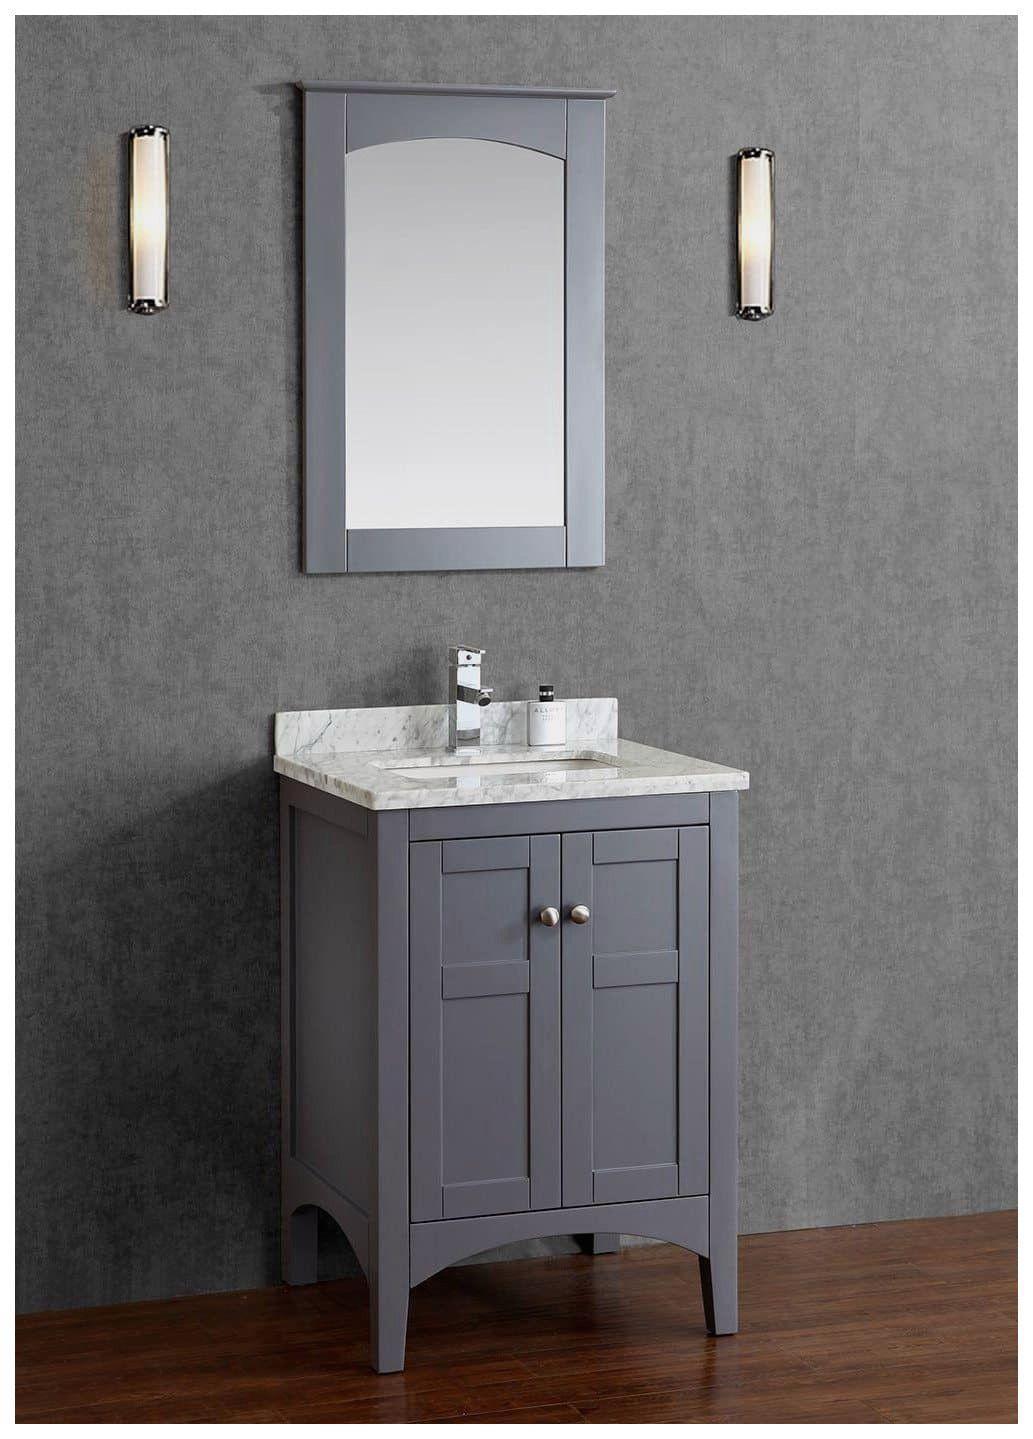 15 Inspirational 16 Depth Bathroom Vanity Collection Wood Bathroom Vanity Small Bathroom Vanities Cheap Bathroom Vanities